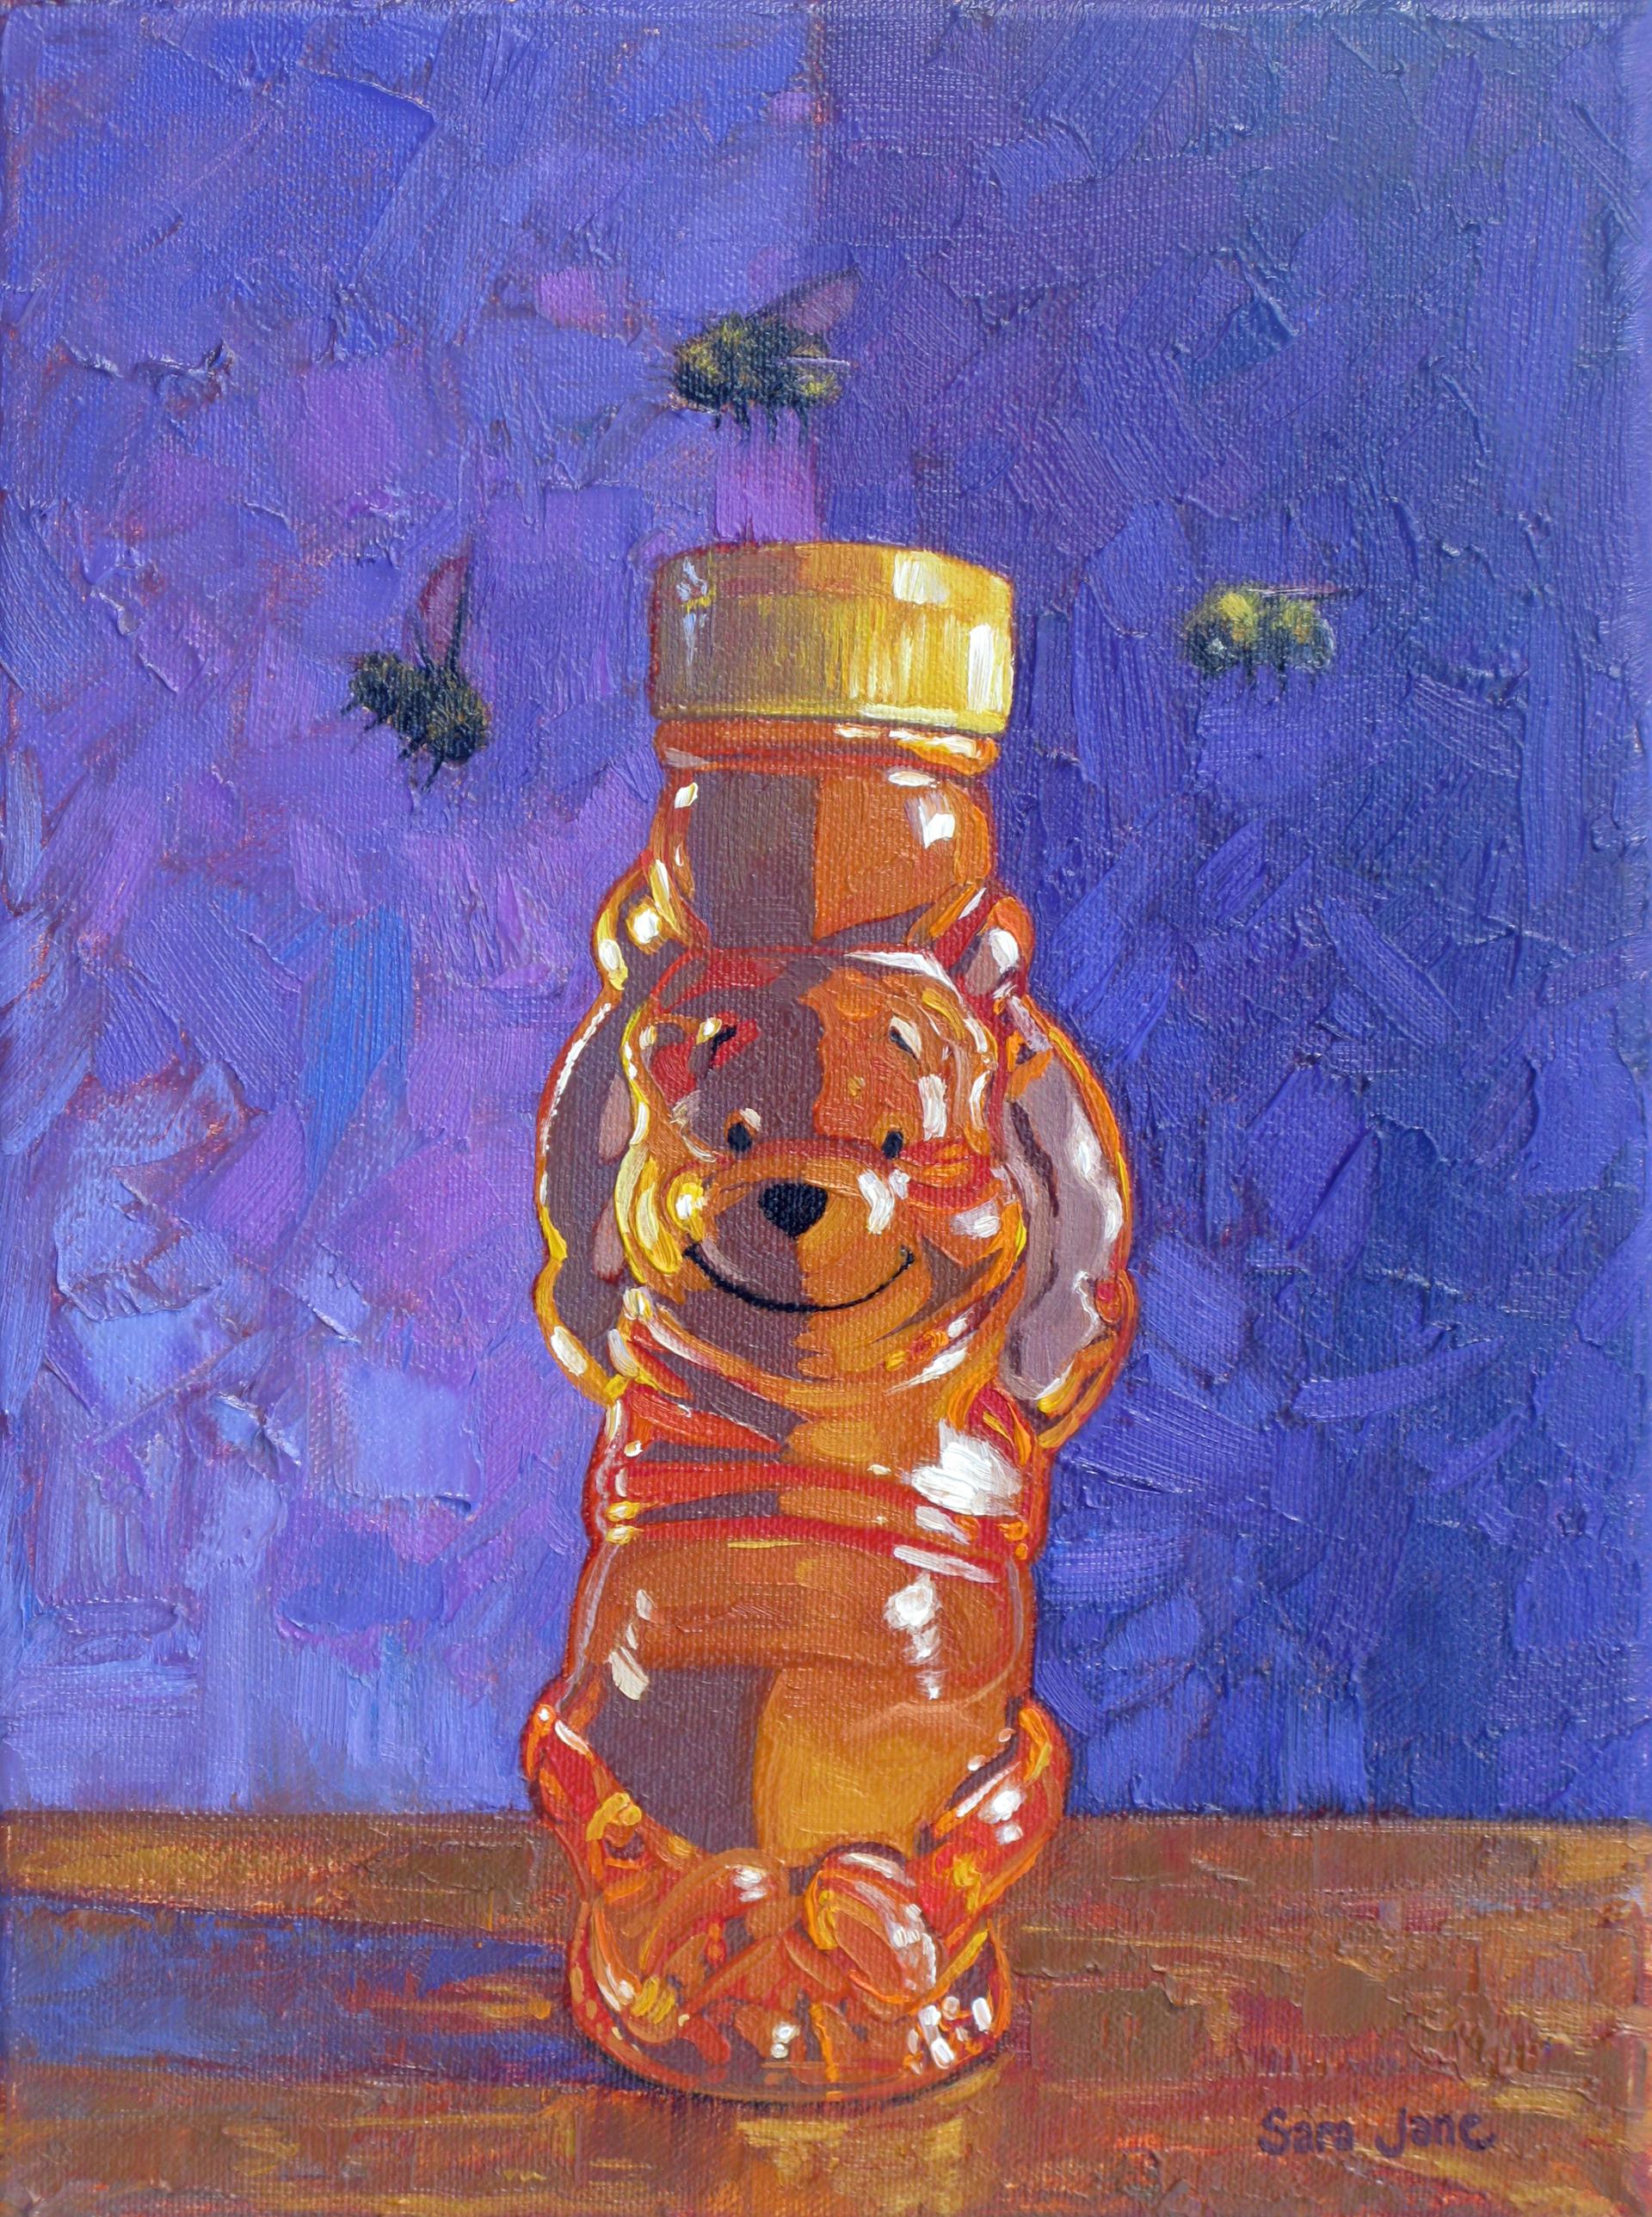 Honey Honey Buzz Buzz Buzz by Sara Jane Doberstein